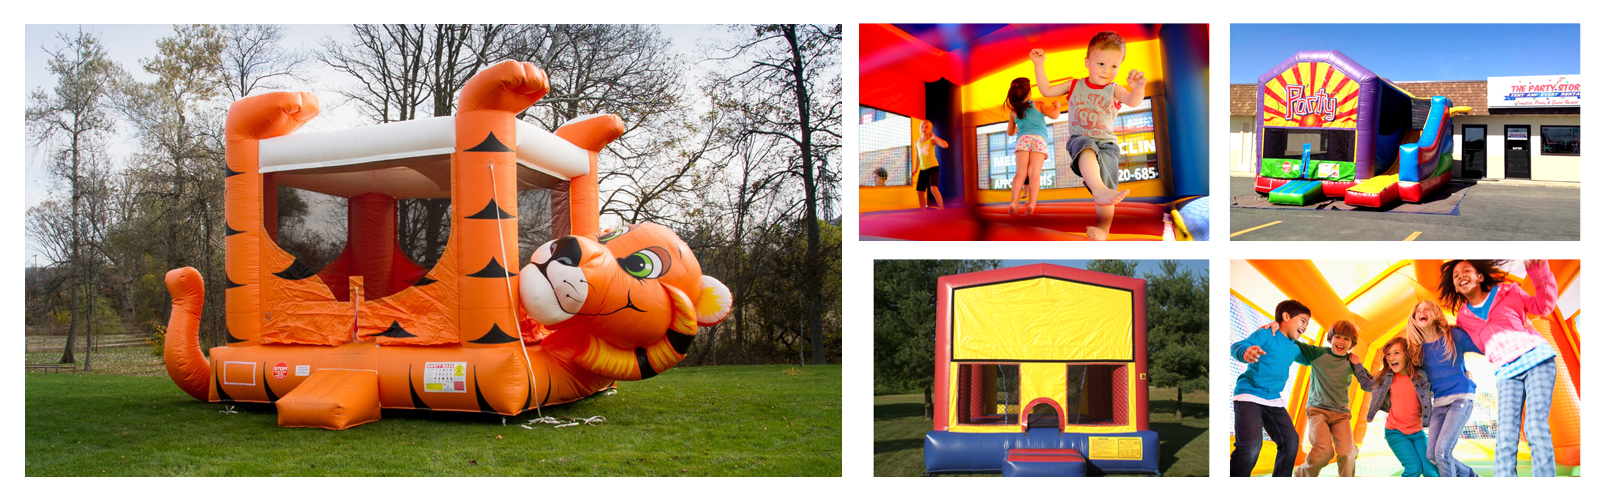 Inflatable Rentals in Bemidji MN | Bounce House Rentals in Bemidji